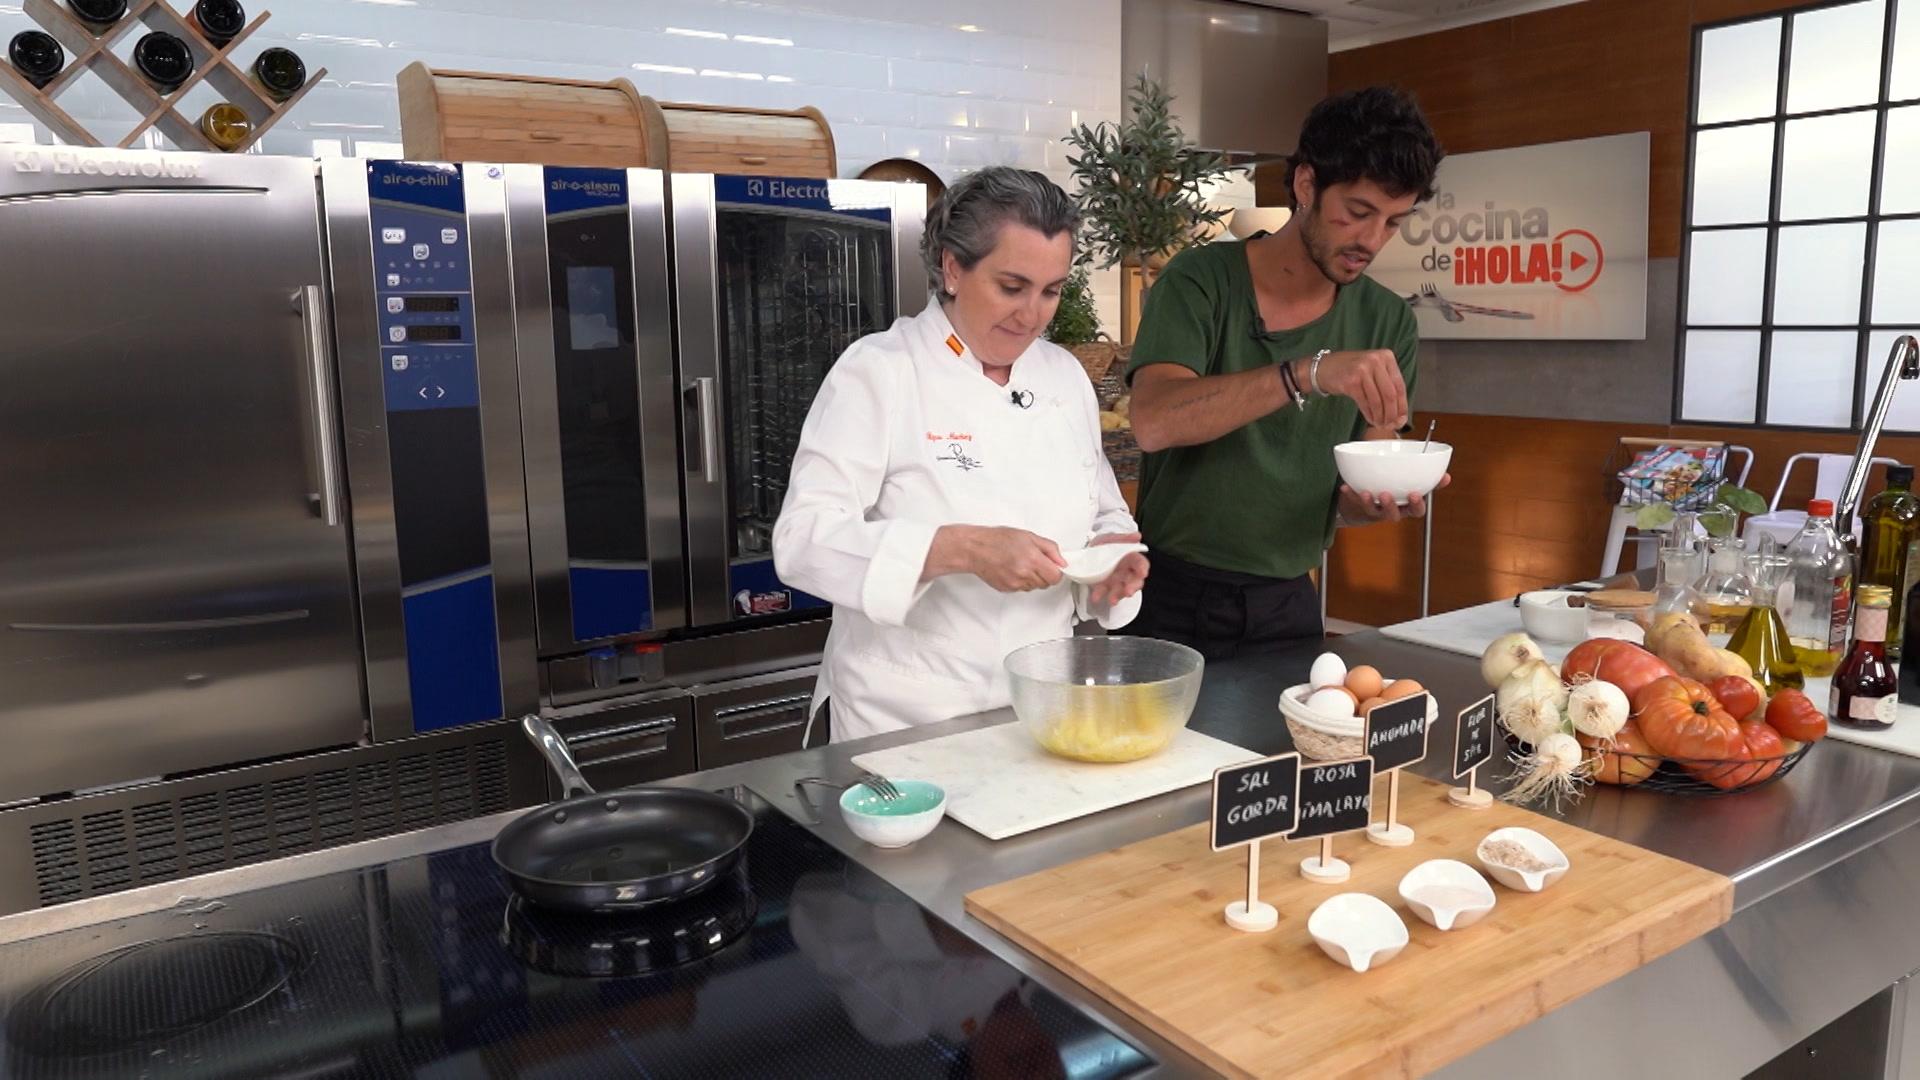 Cómo hacer una jugosa tortilla de patata 'de toda la vida'